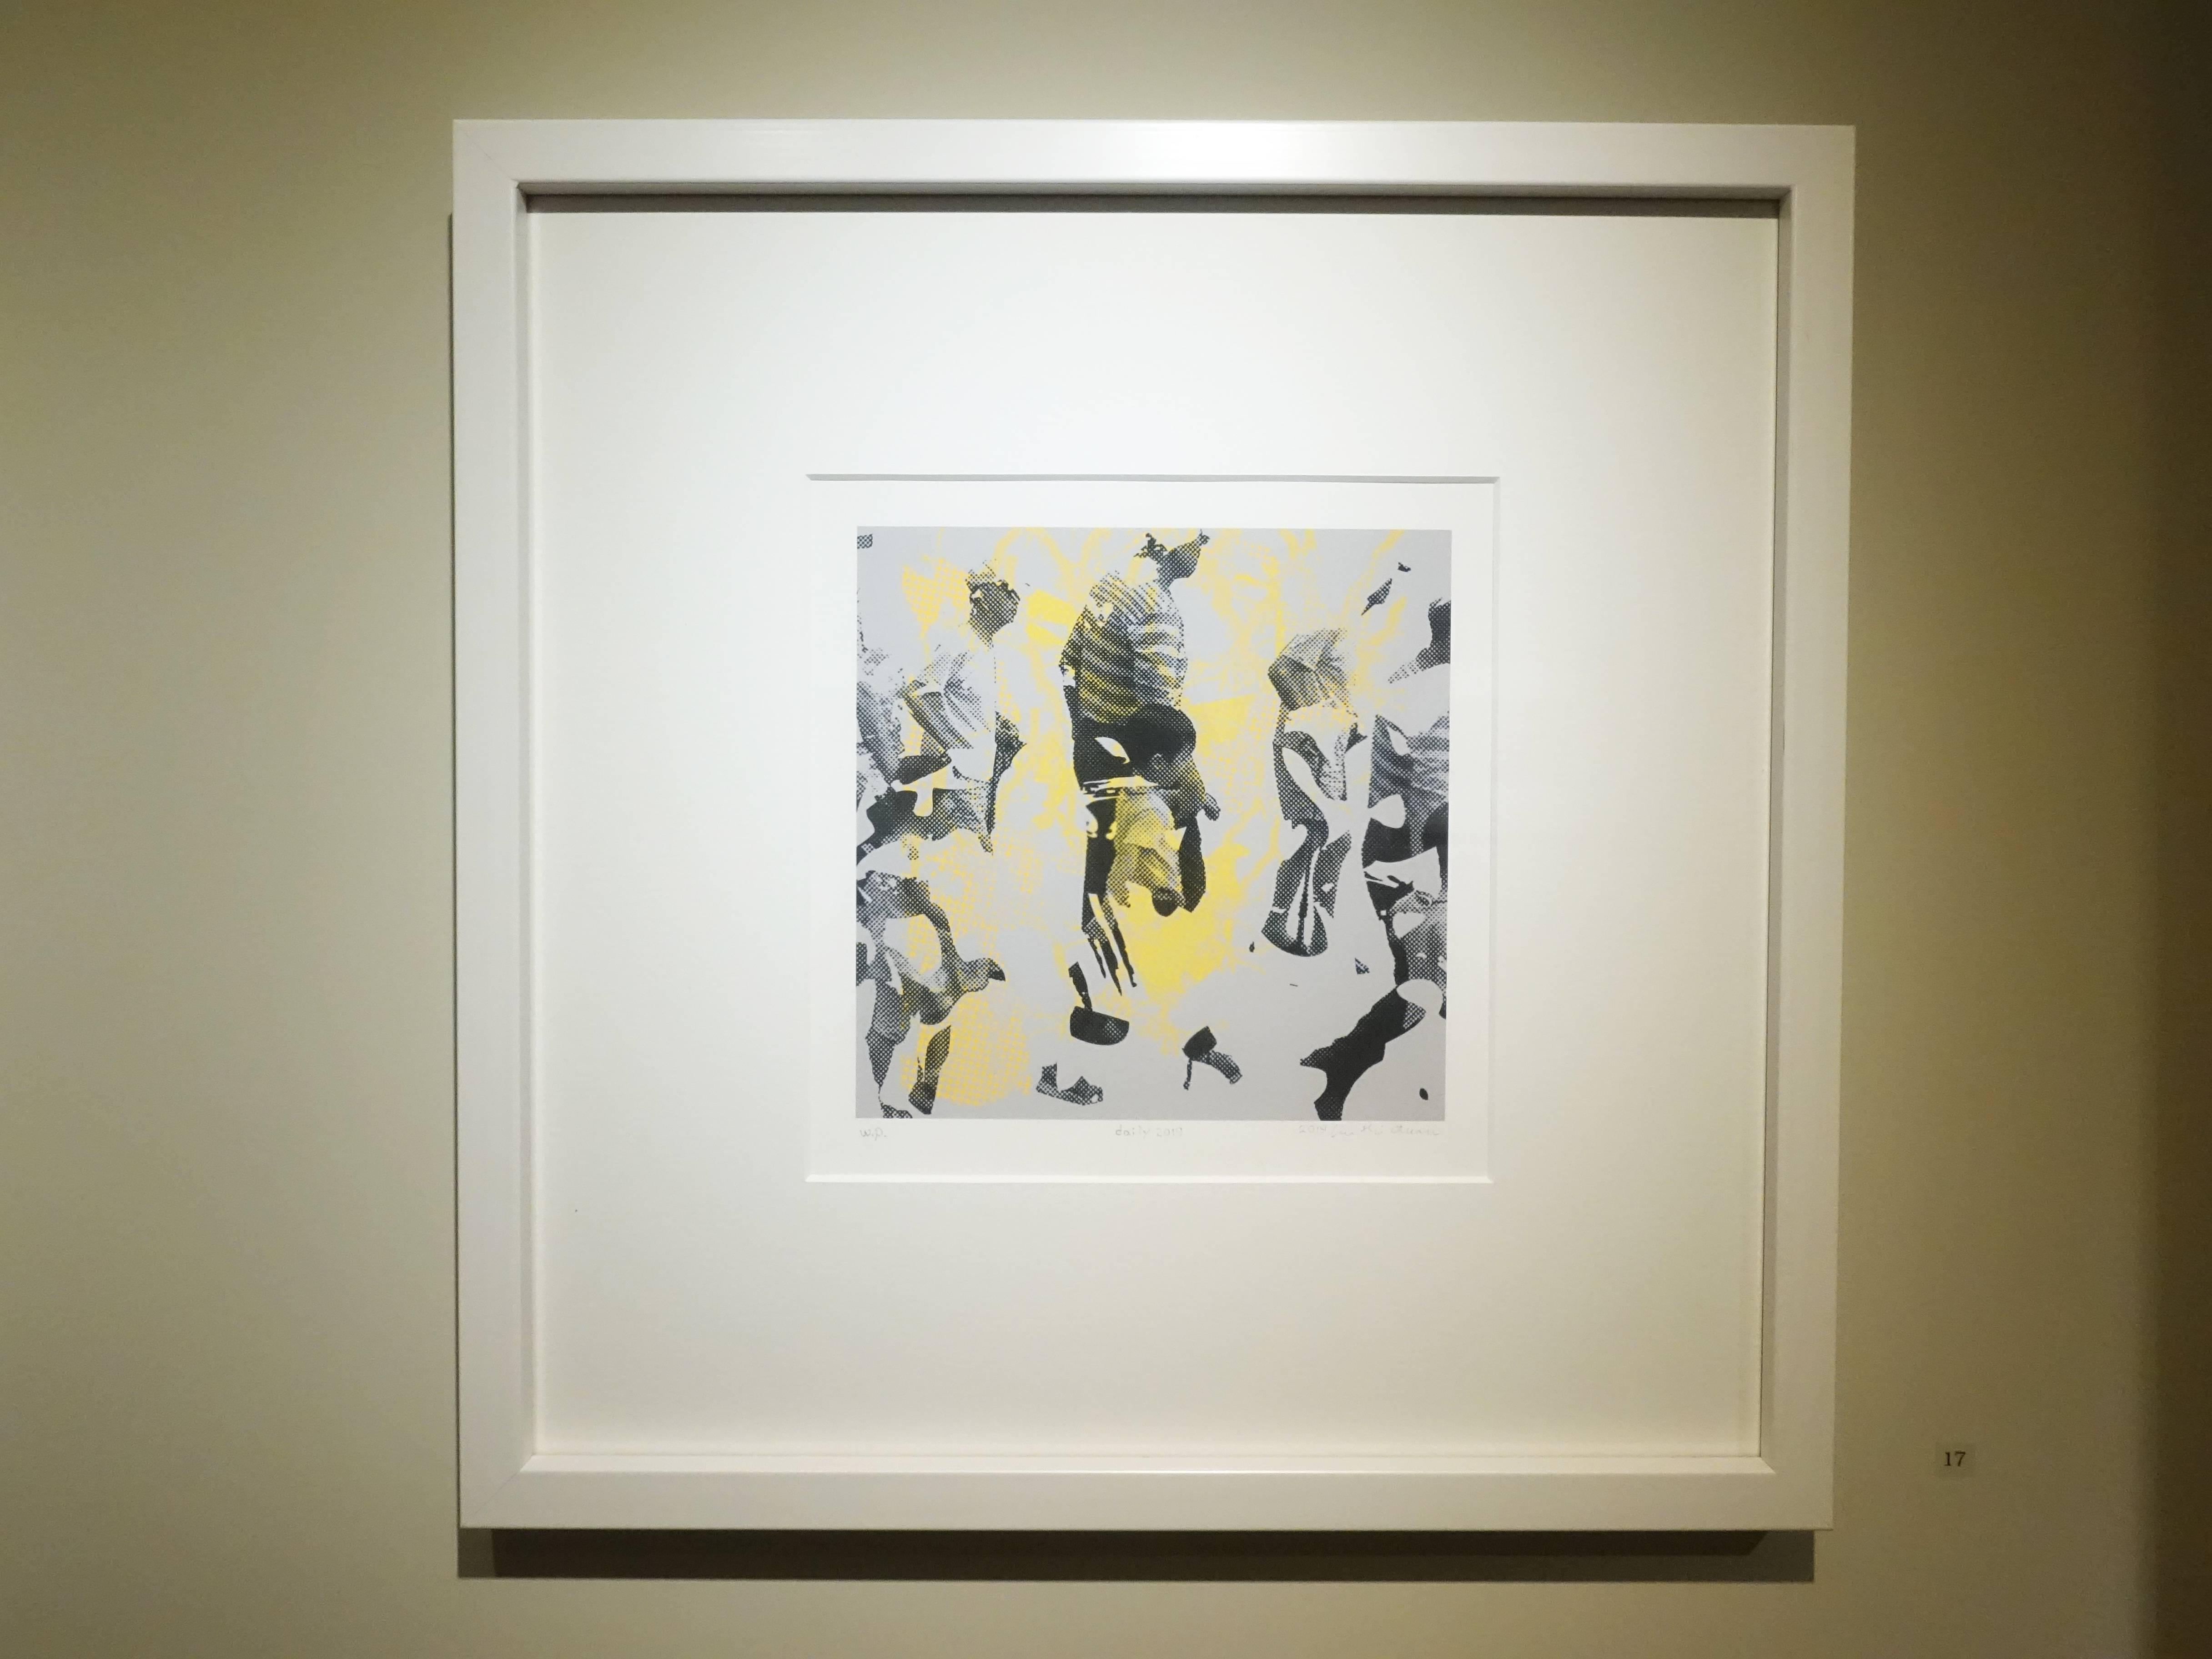 劉錫權,《日常2019》,20 x 20 cm,WP,數位版畫,2019。